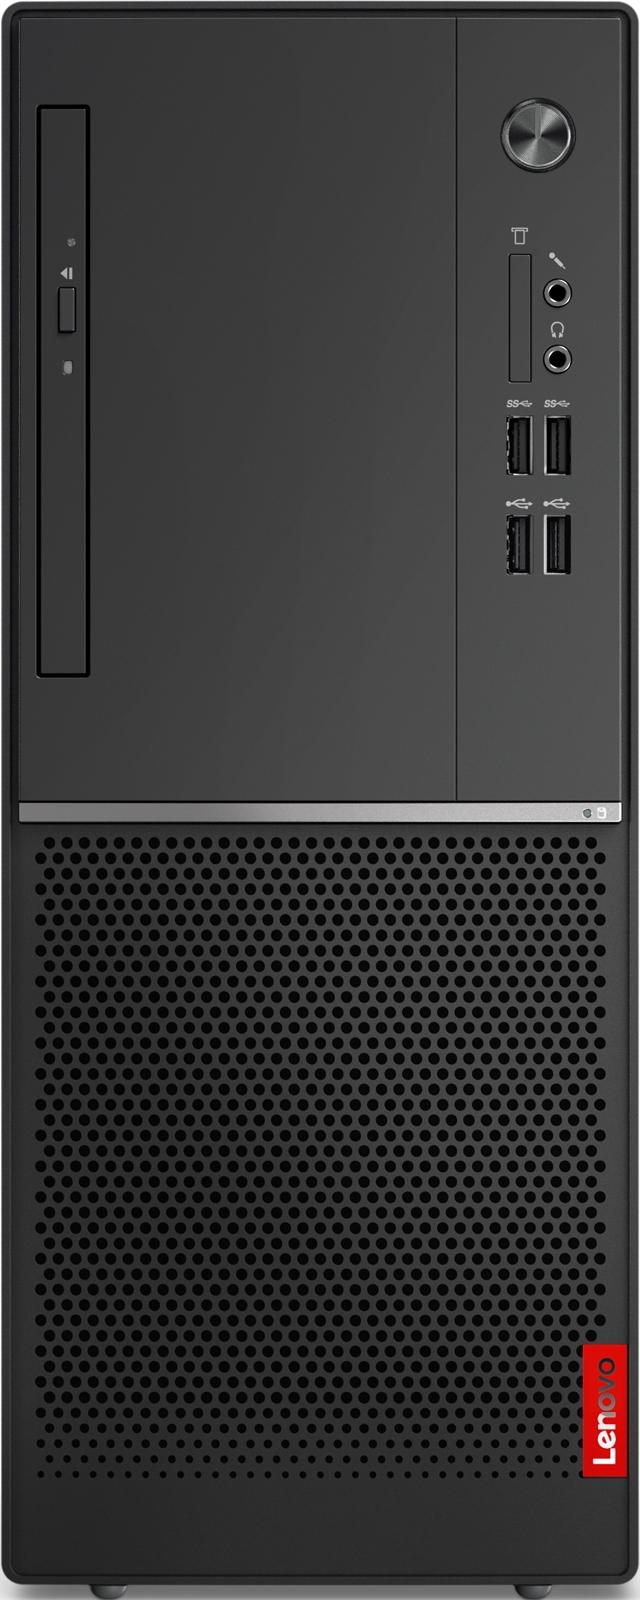 Системный блок Lenovo V330-15IGM MT, 10TS001JRU, черный системный блок dell optiplex 3050 sff i3 6100 3 7ghz 4gb 500gb hd620 dvd rw linux клавиатура мышь черный 3050 0405